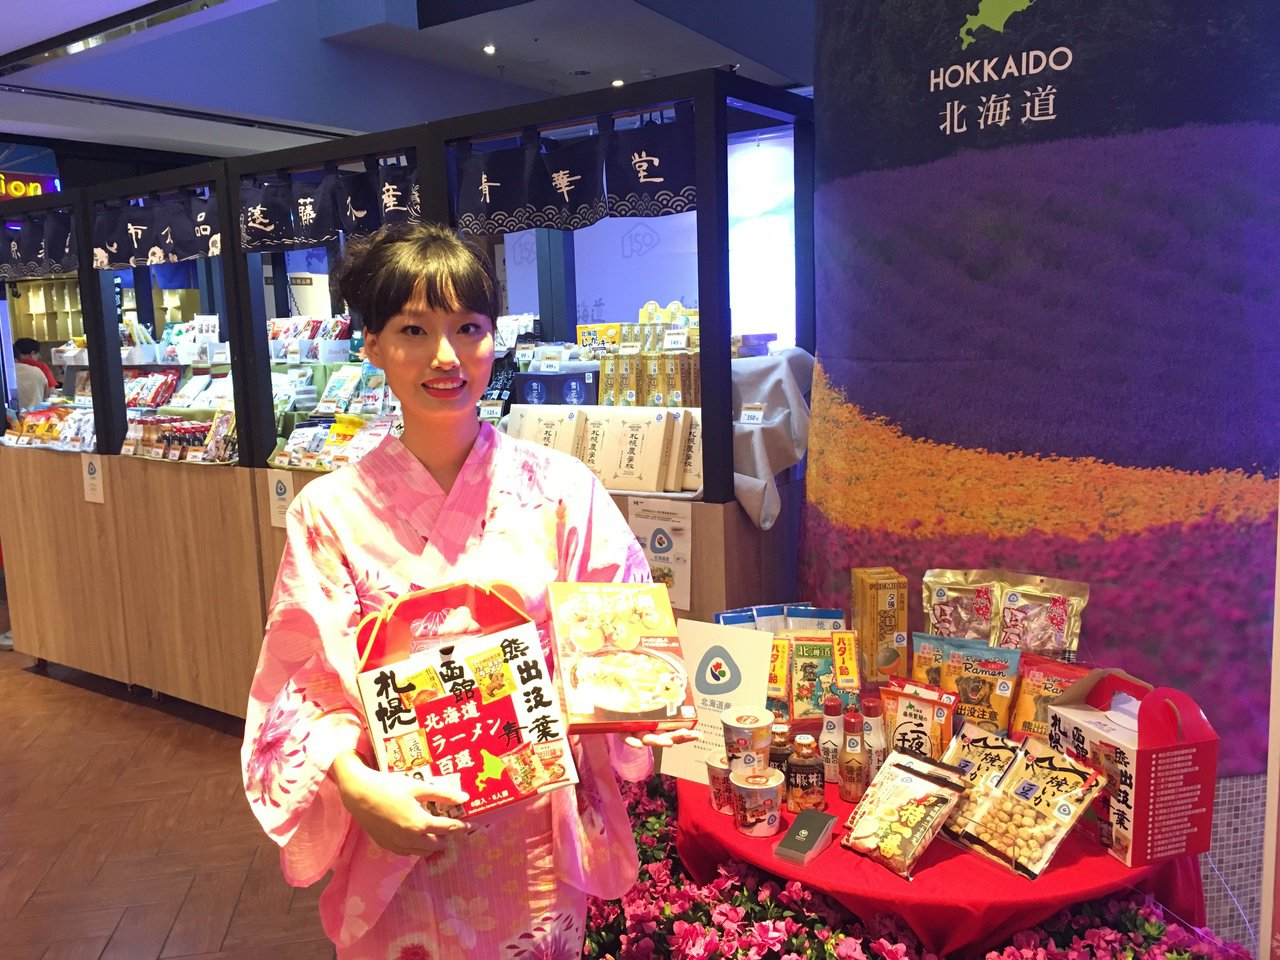 最新進駐台中大遠百的「饗樂天堂」北海道專賣概念店,標榜都是來自北海道原汁原味的農...